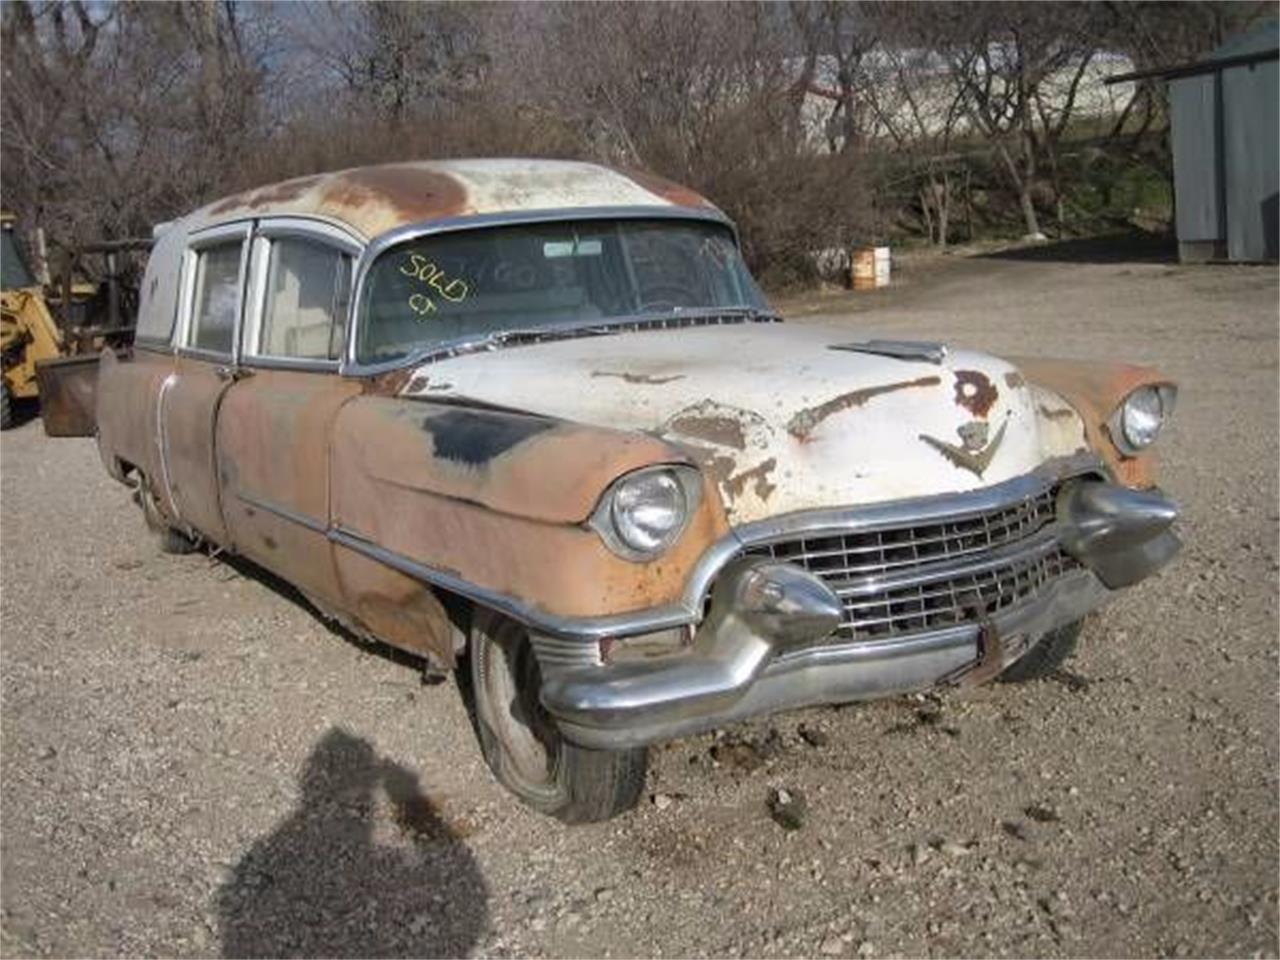 1955 Cadillac Ambulance for Sale | ClassicCars com | CC-1121509